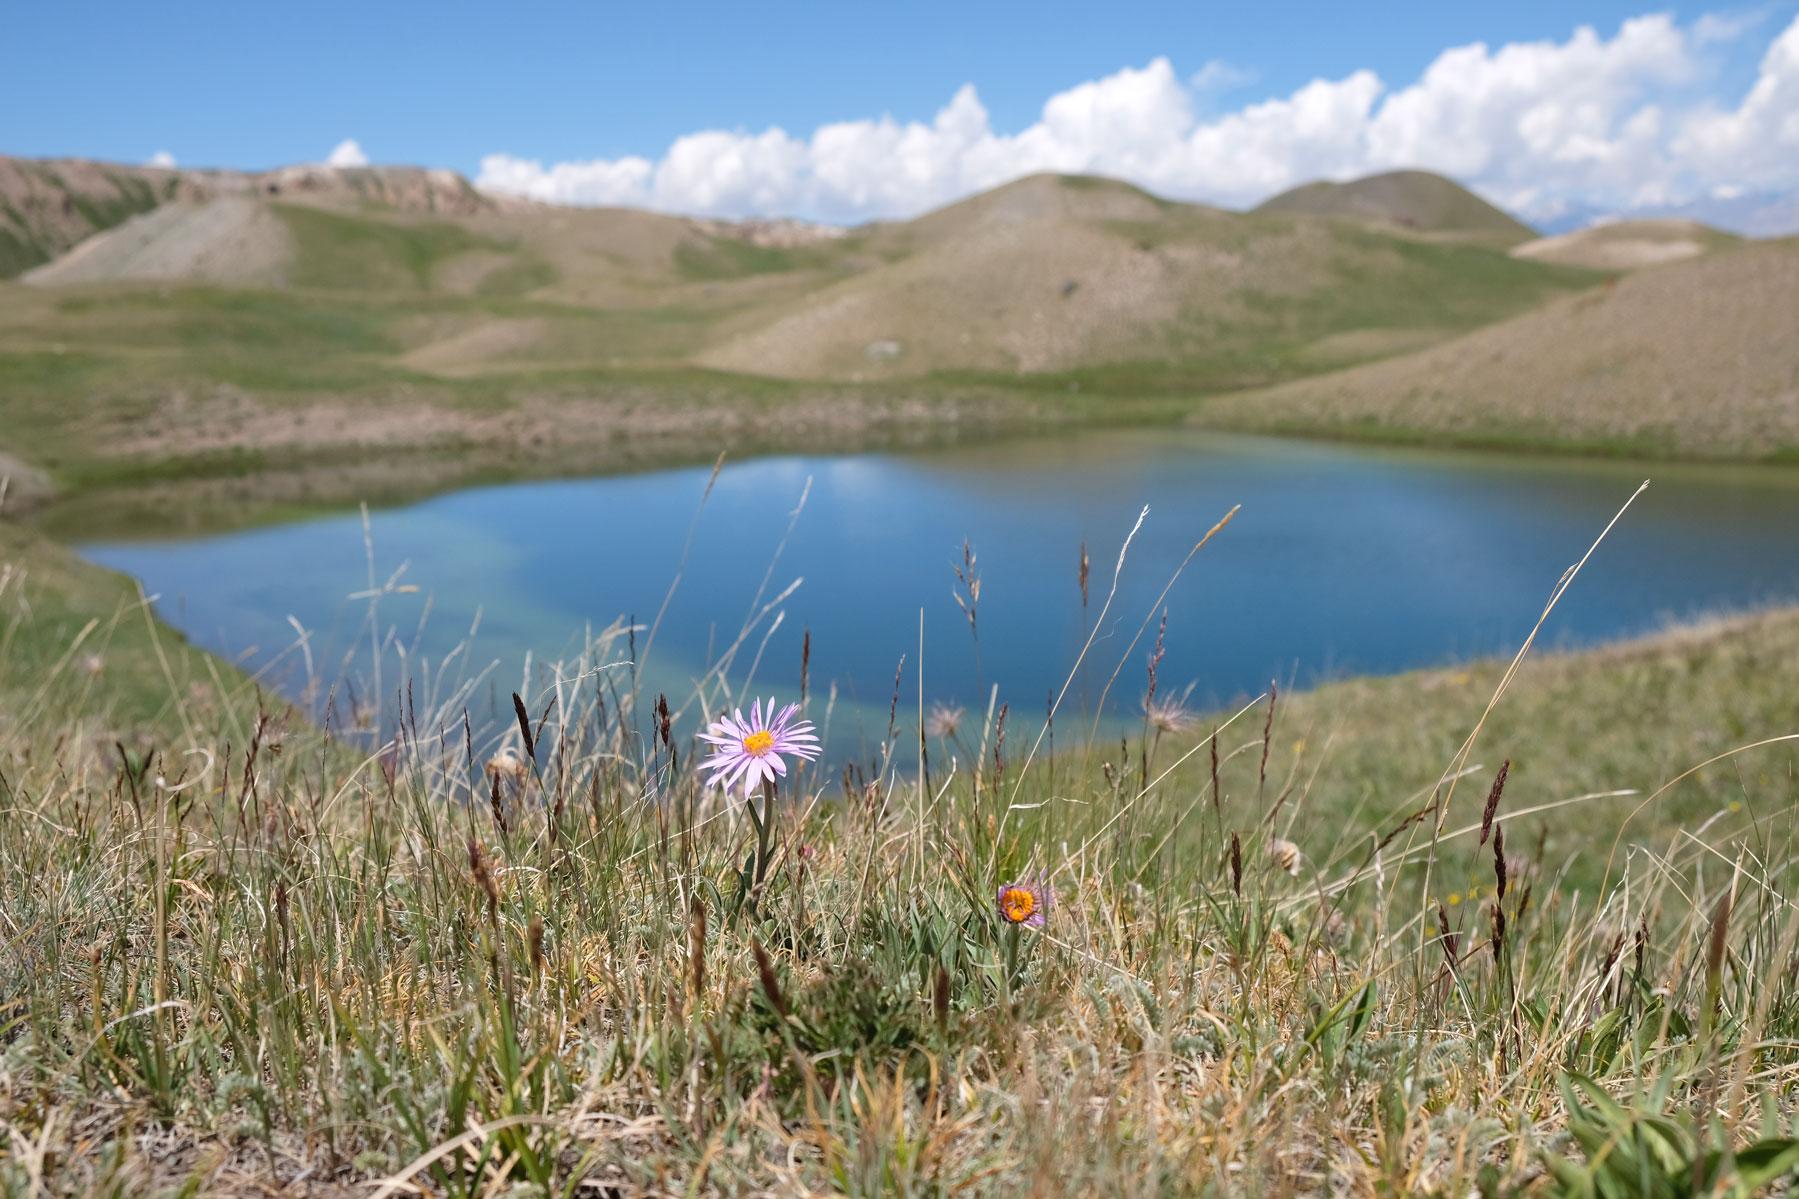 Eine Blume blüht vor einem Bergsee.